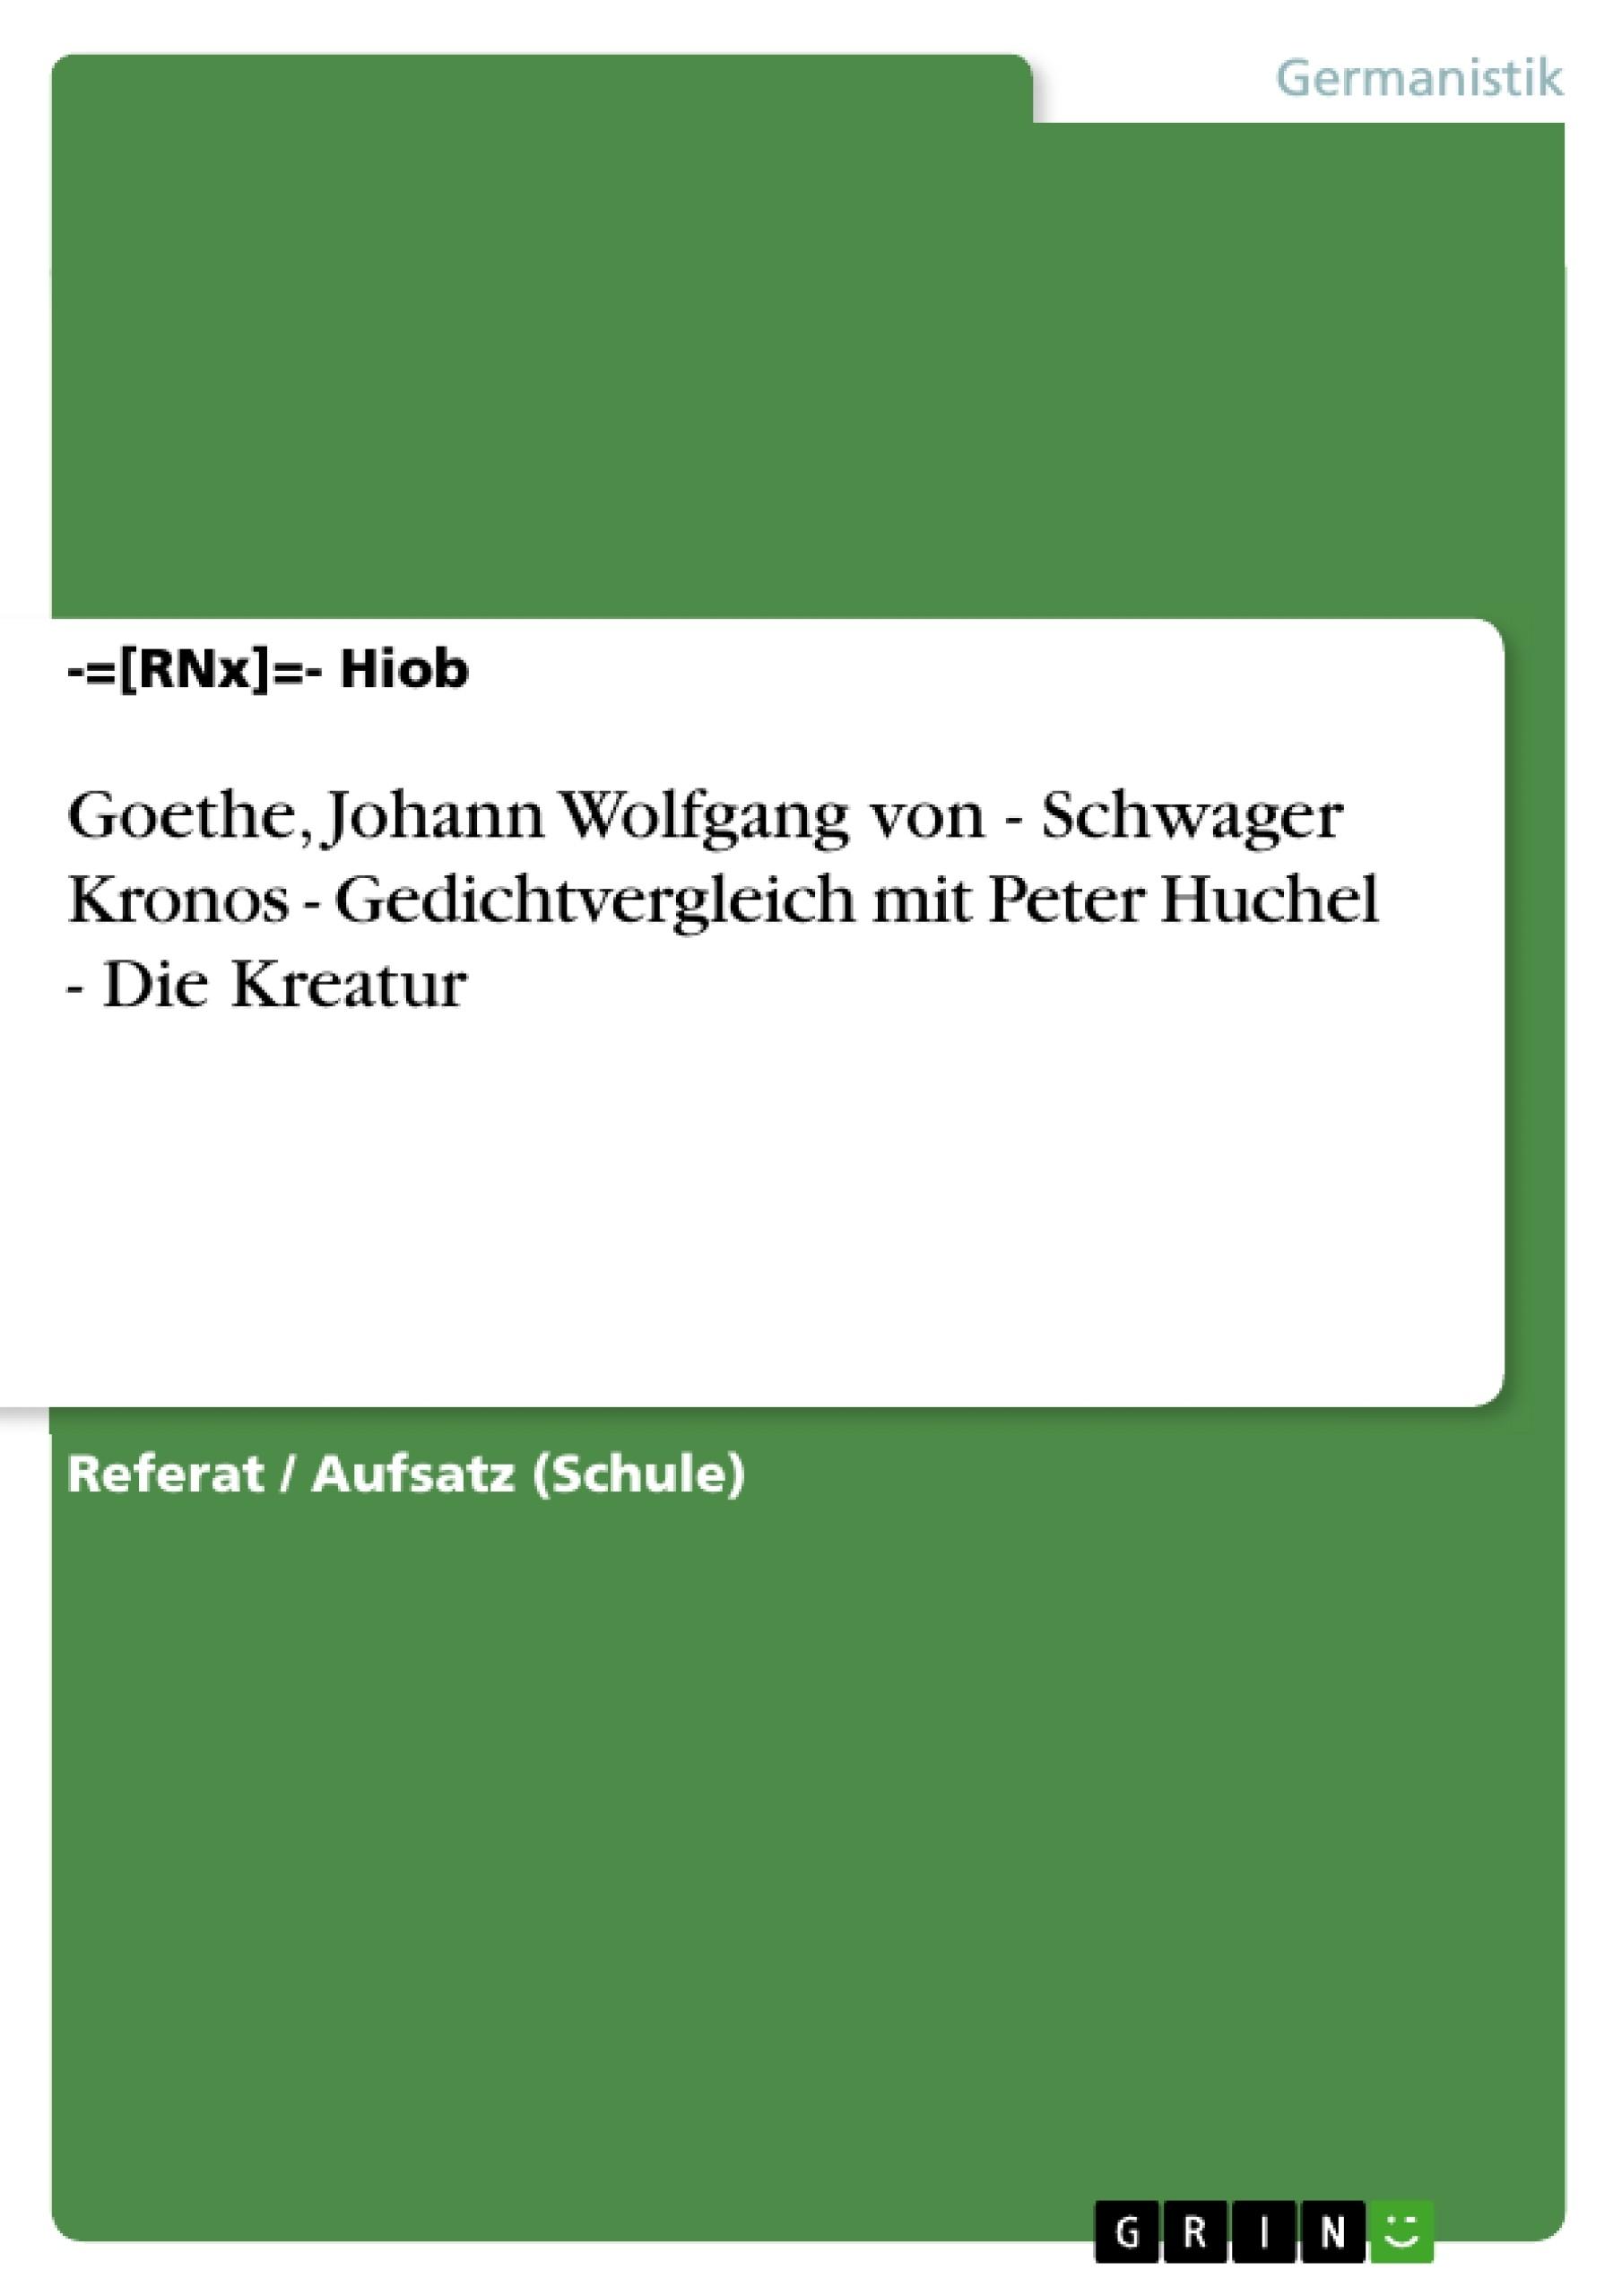 Titel: Goethe, Johann Wolfgang von - Schwager Kronos - Gedichtvergleich mit Peter Huchel - Die Kreatur